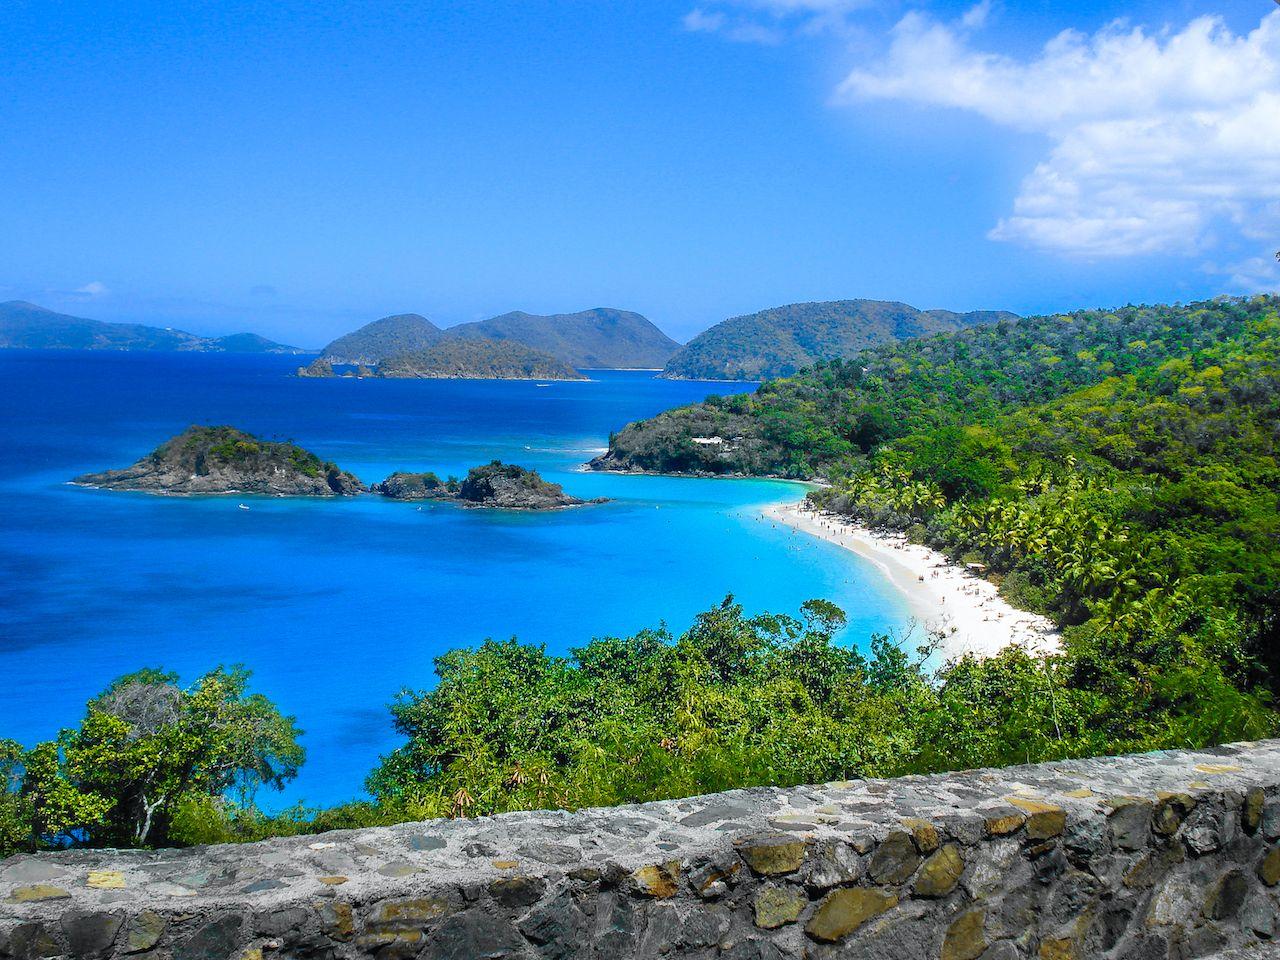 St. Maarten beach landscape